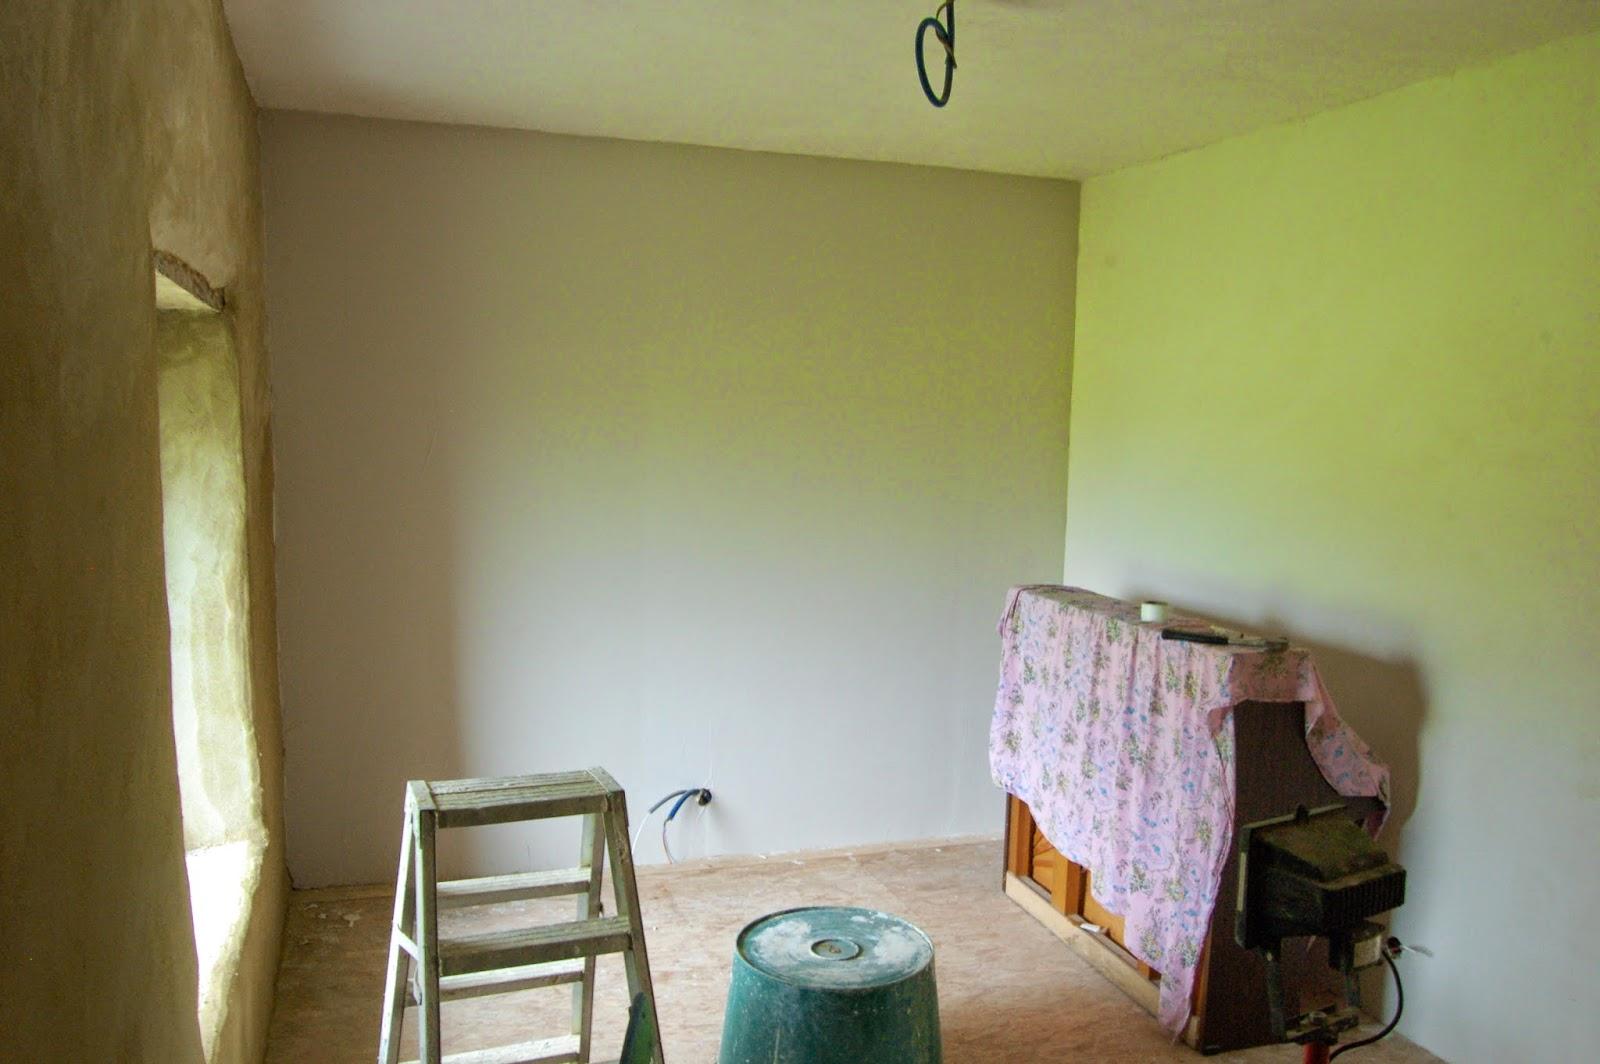 La gremiere en travaux mai 2014 for Peinture couleur argile